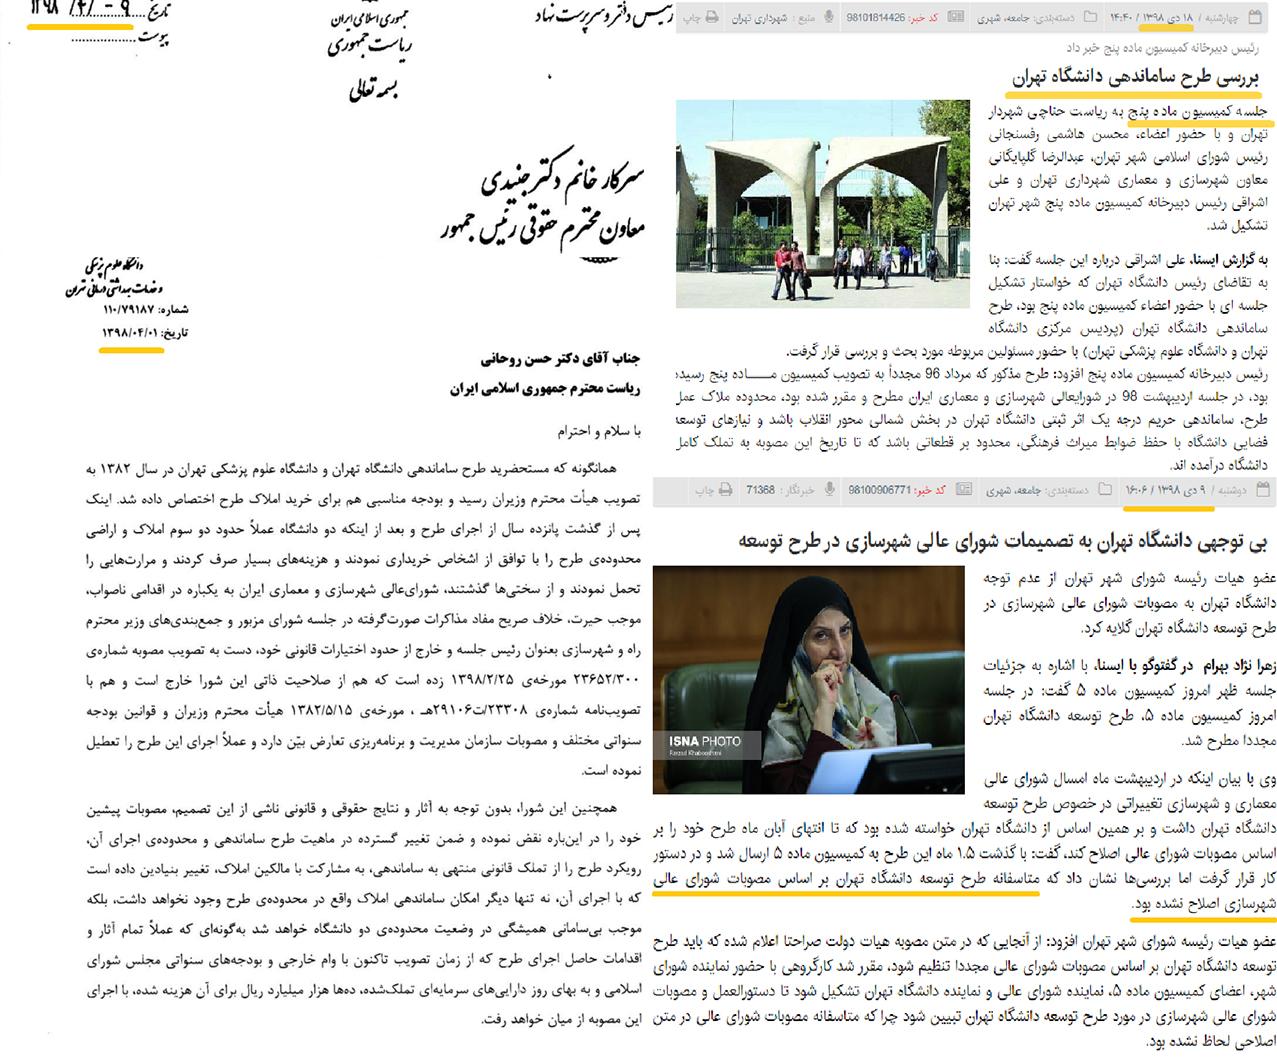 وقتکشی، تکنیک گروه خاکستریِ موافق طرح توسعۀ دانشگاه تهران است